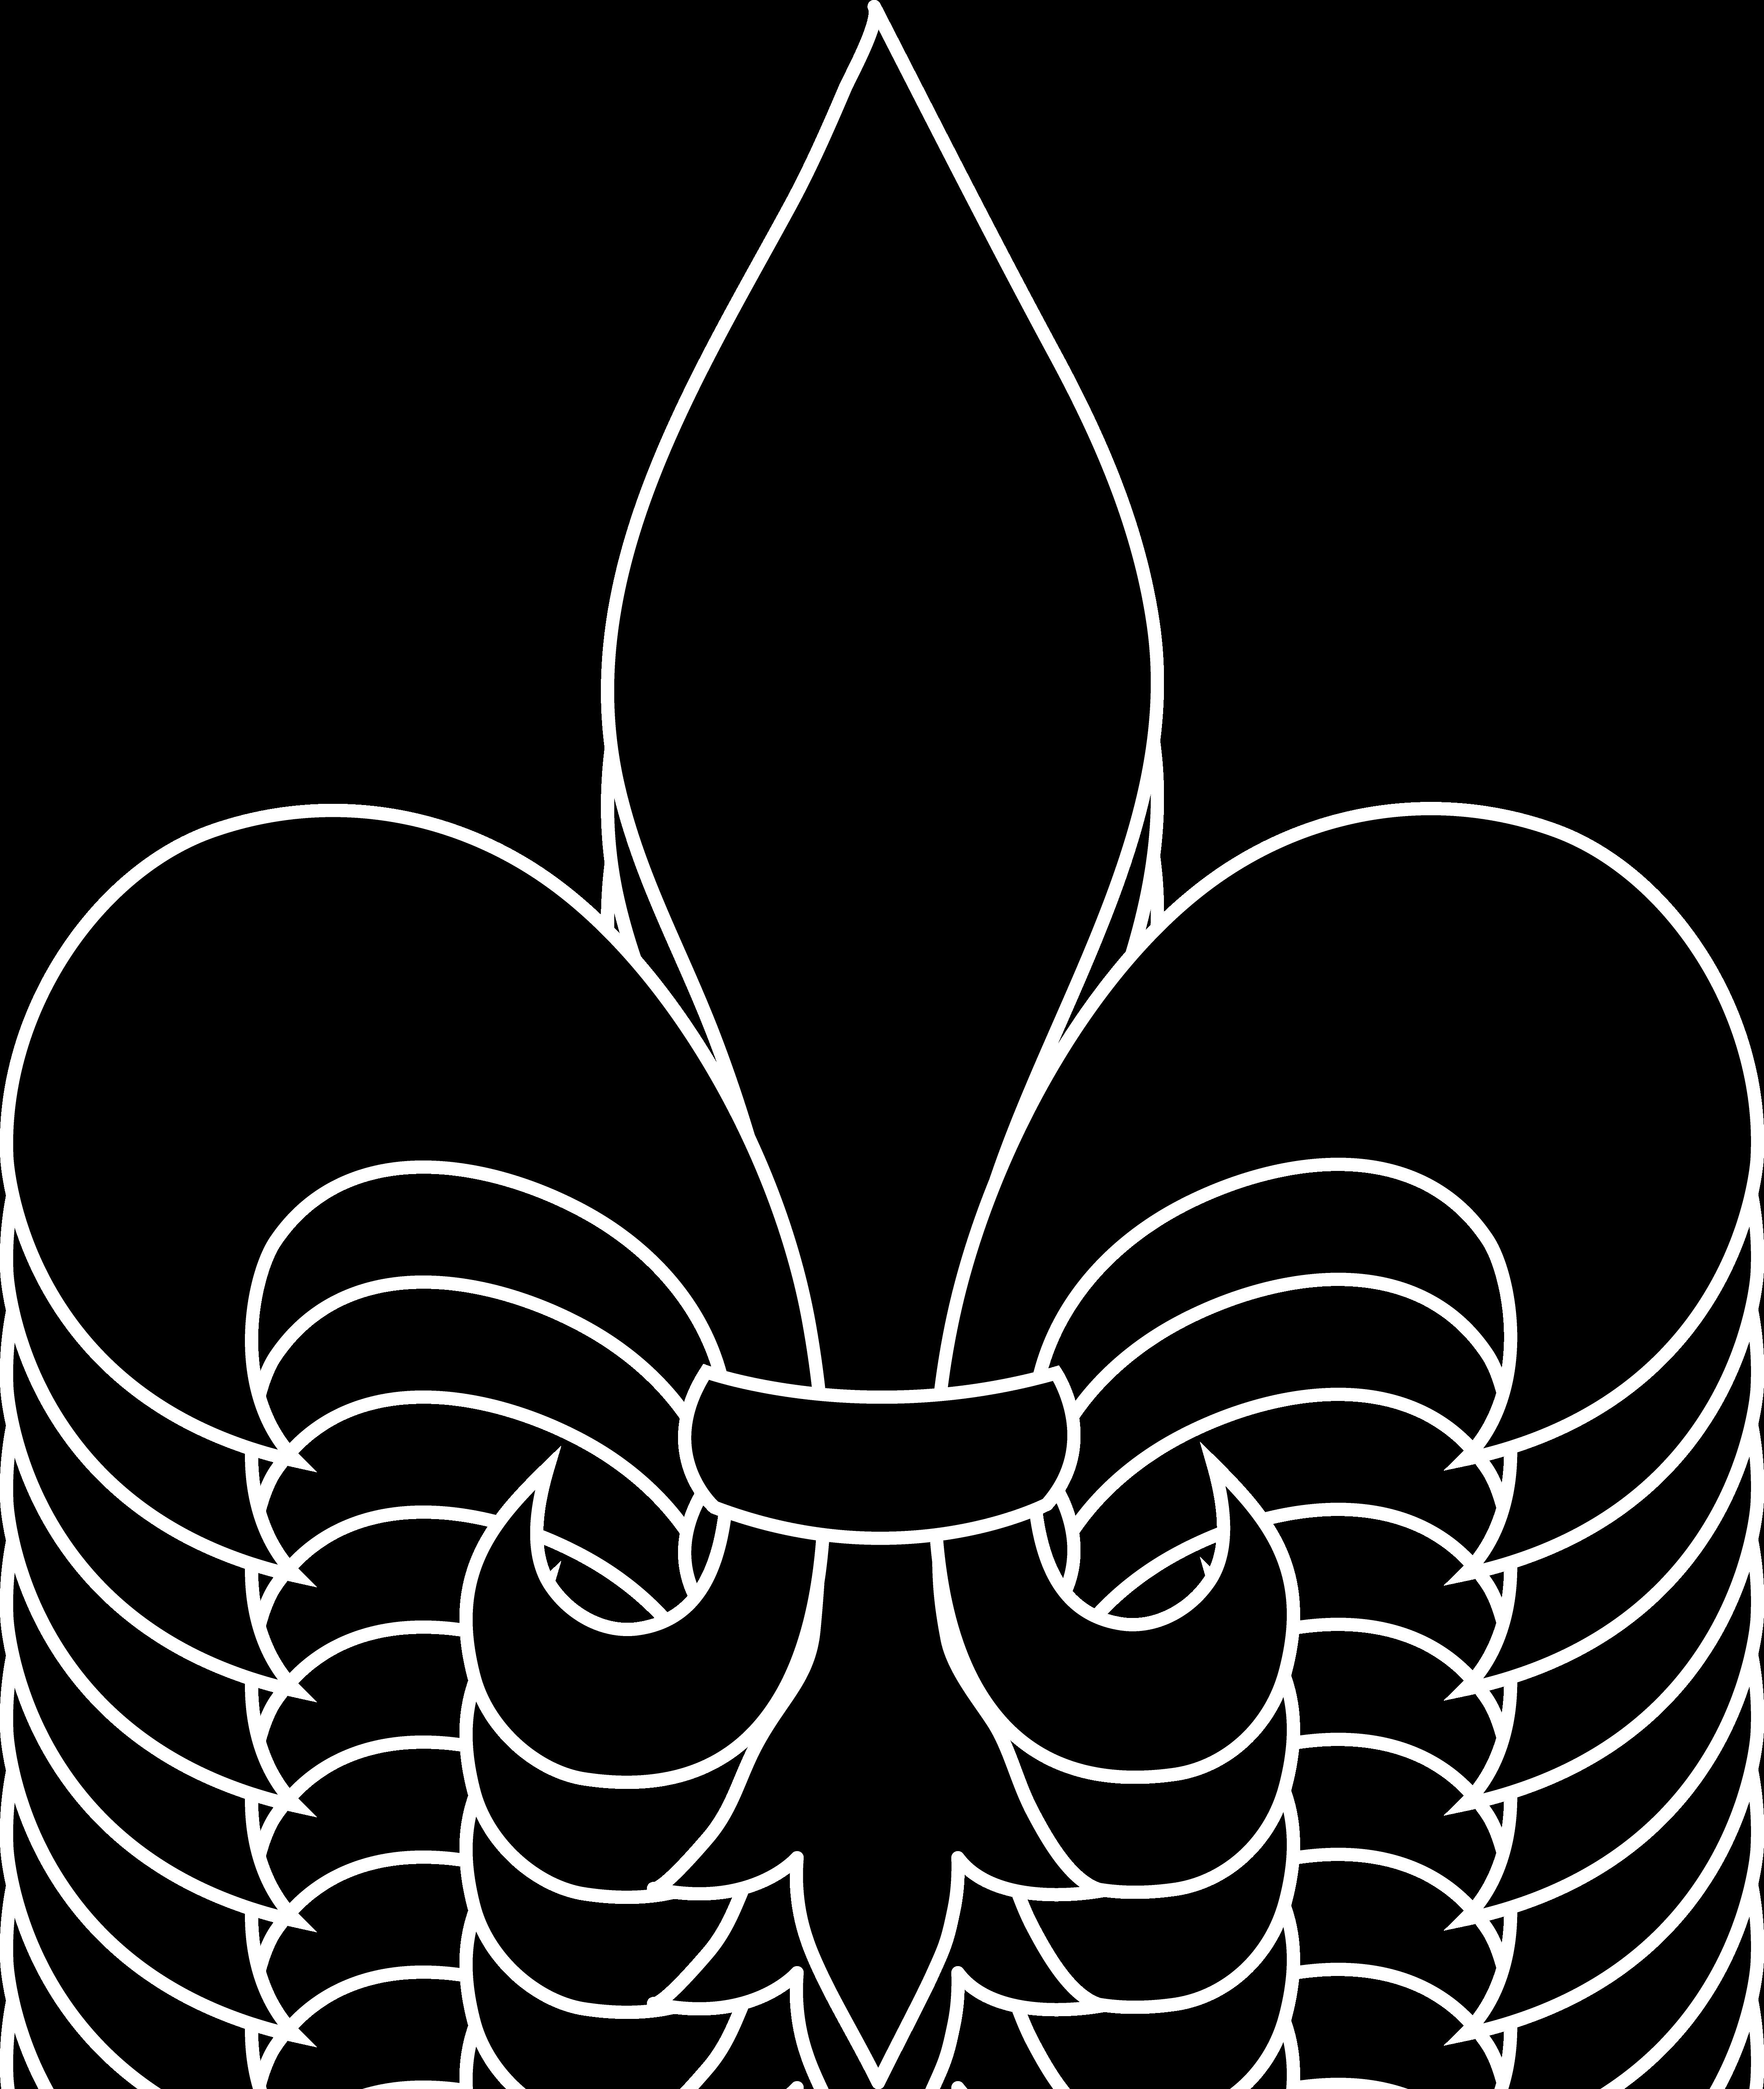 Free clipart fleur de lis image royalty free download frrench free clip art | Black Fleur De Lis Silhouette -for flyer ... image royalty free download